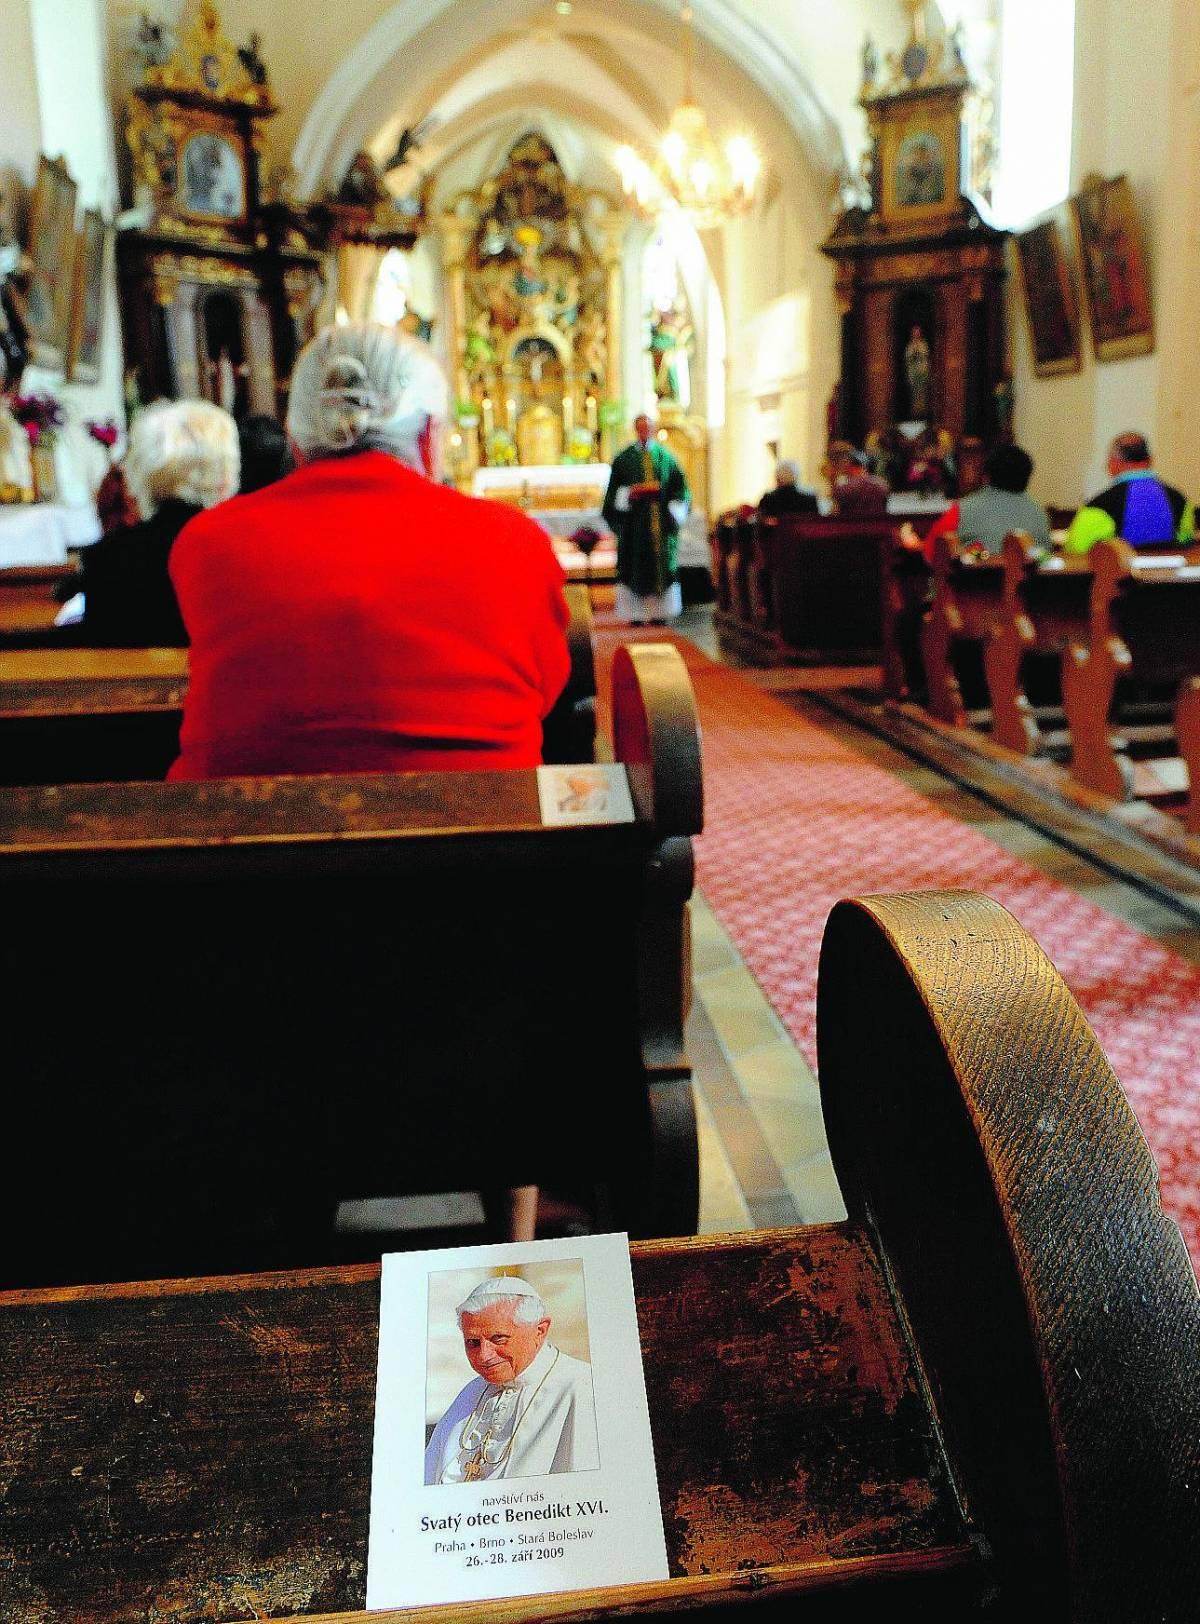 Il Papa in missione nel Paese meno cristiano d'Europa